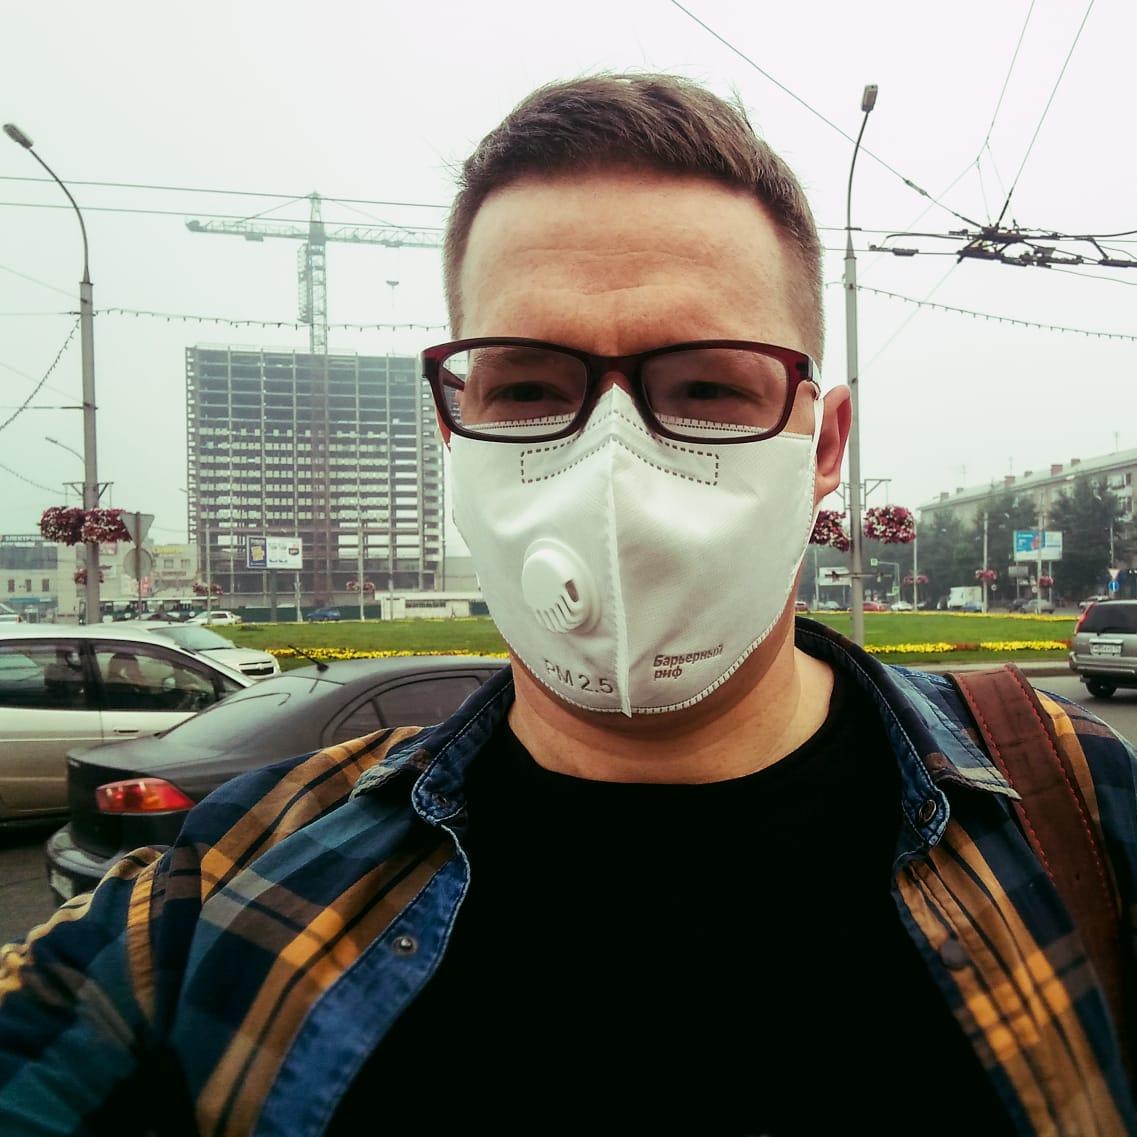 Сейчас маска — самое необходимое, тут уже и спорить не о чем